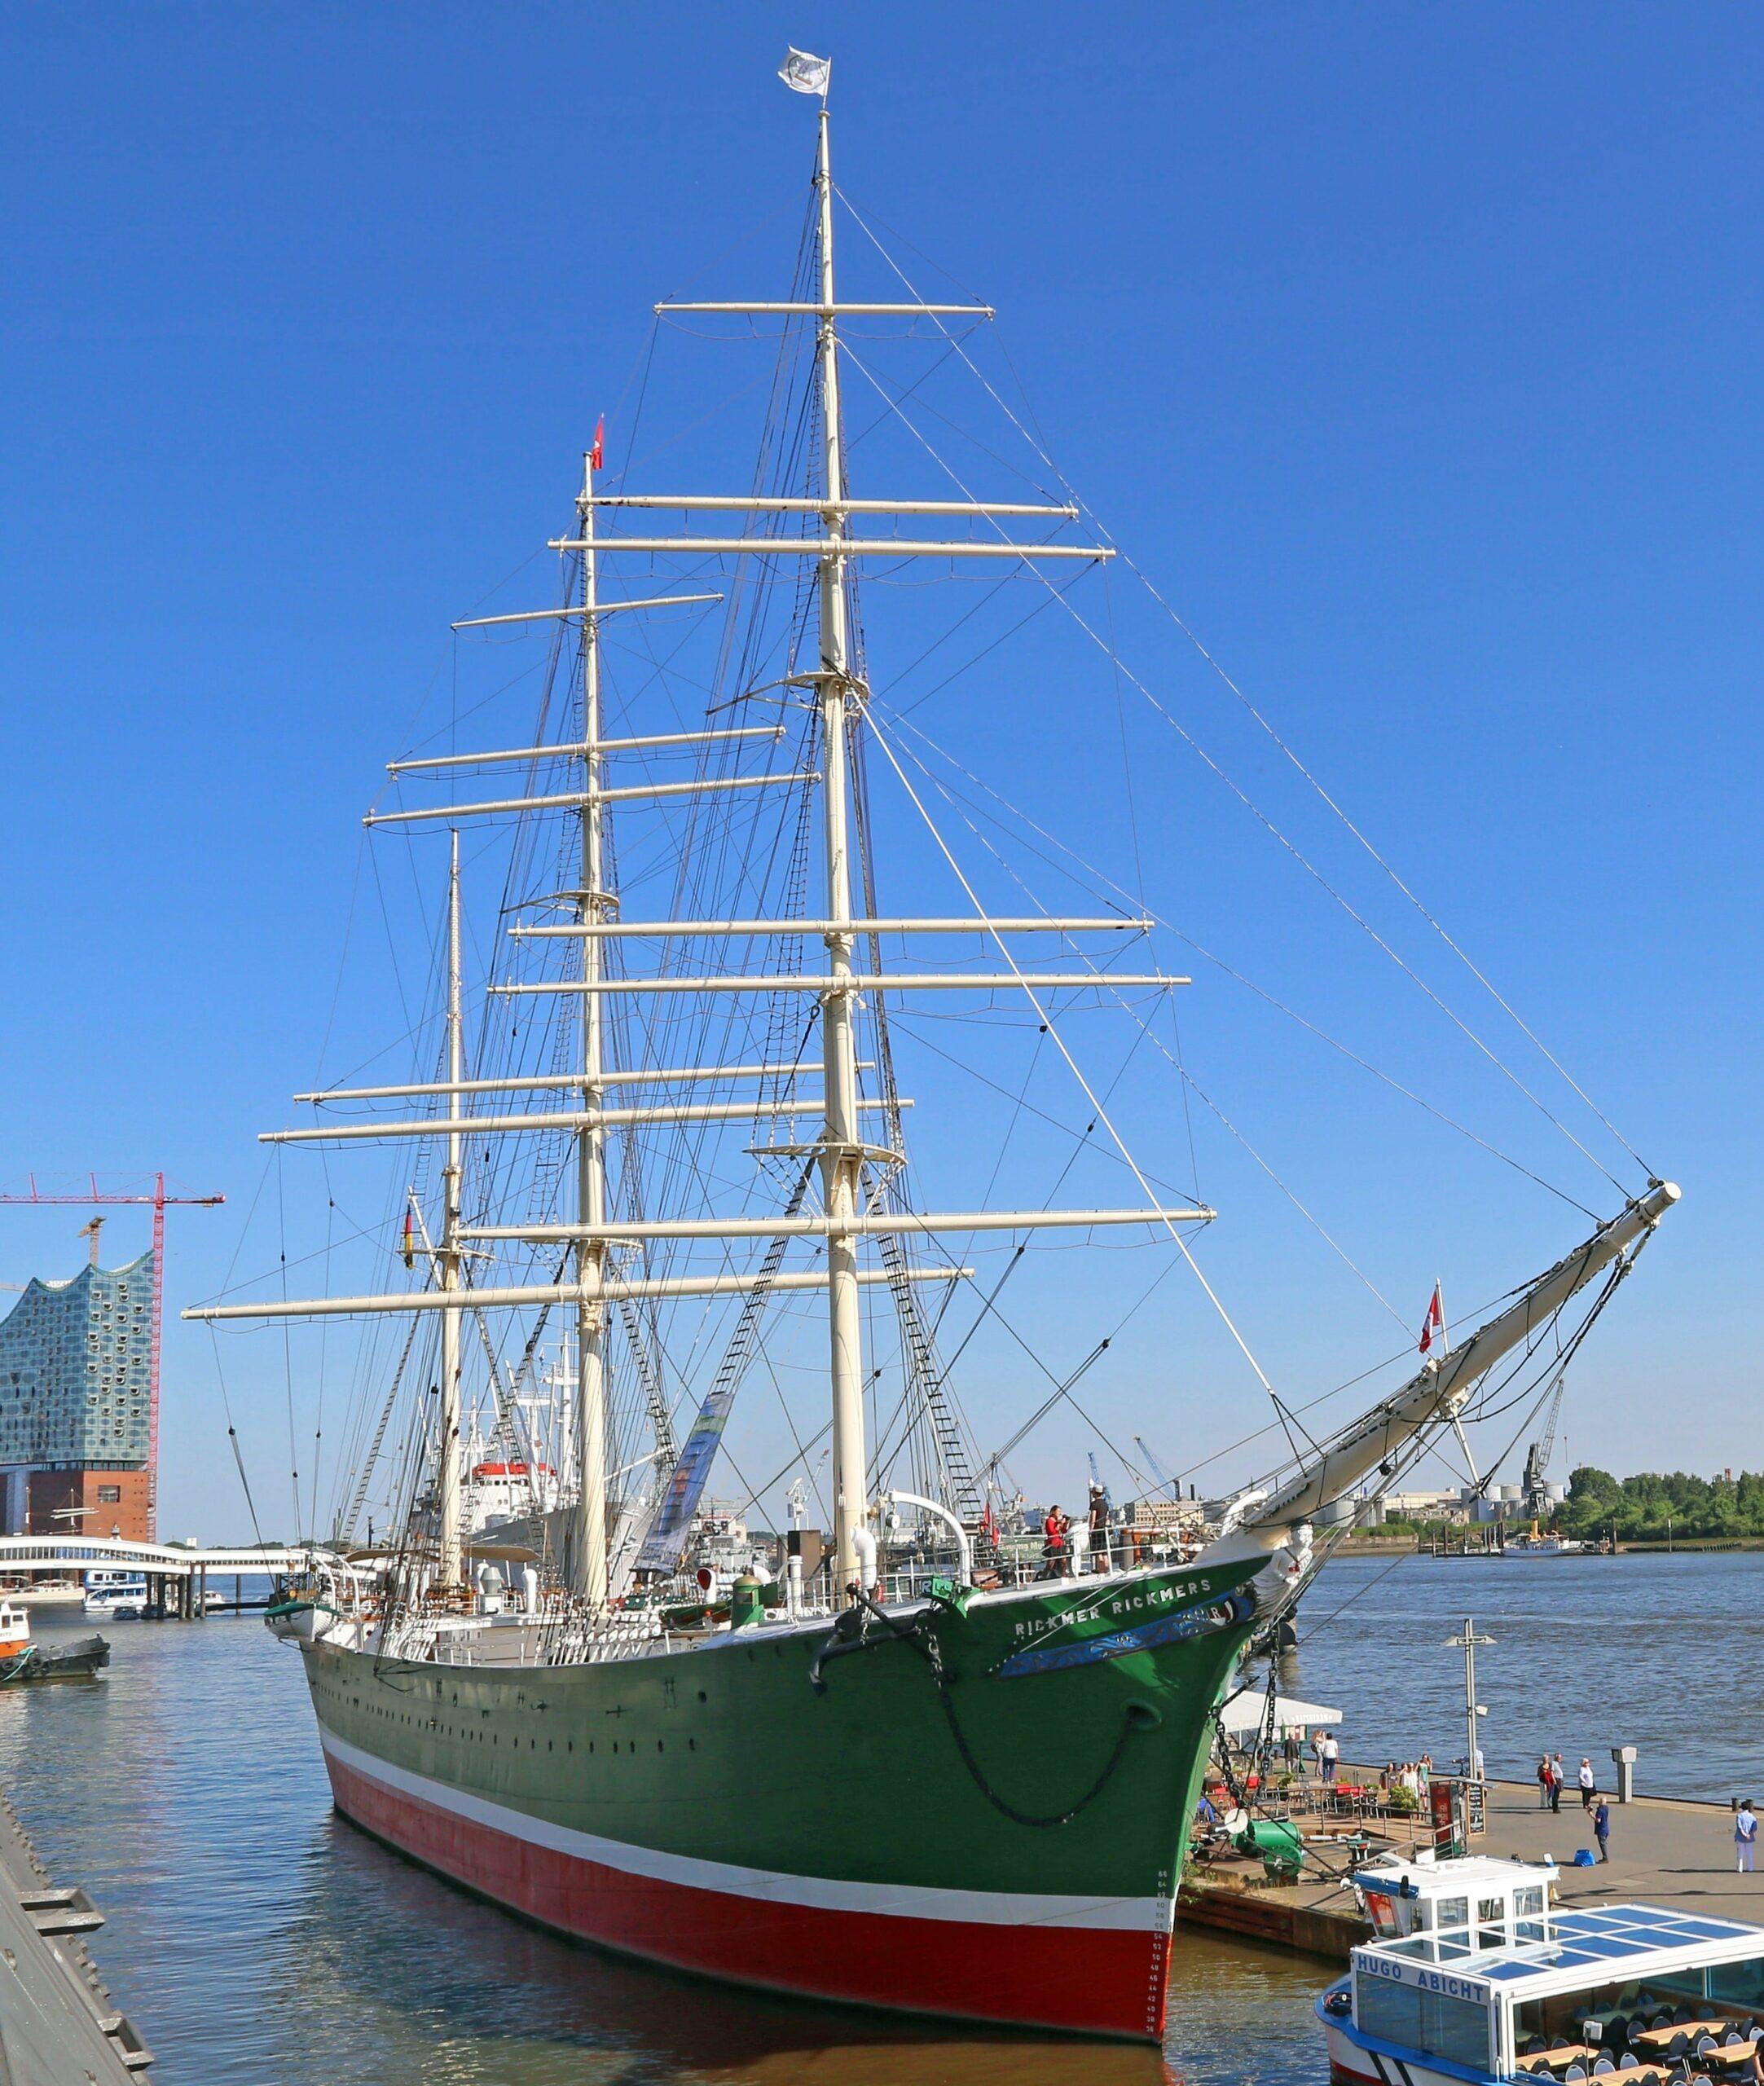 Rickmer Rickmers - Museumsschiff